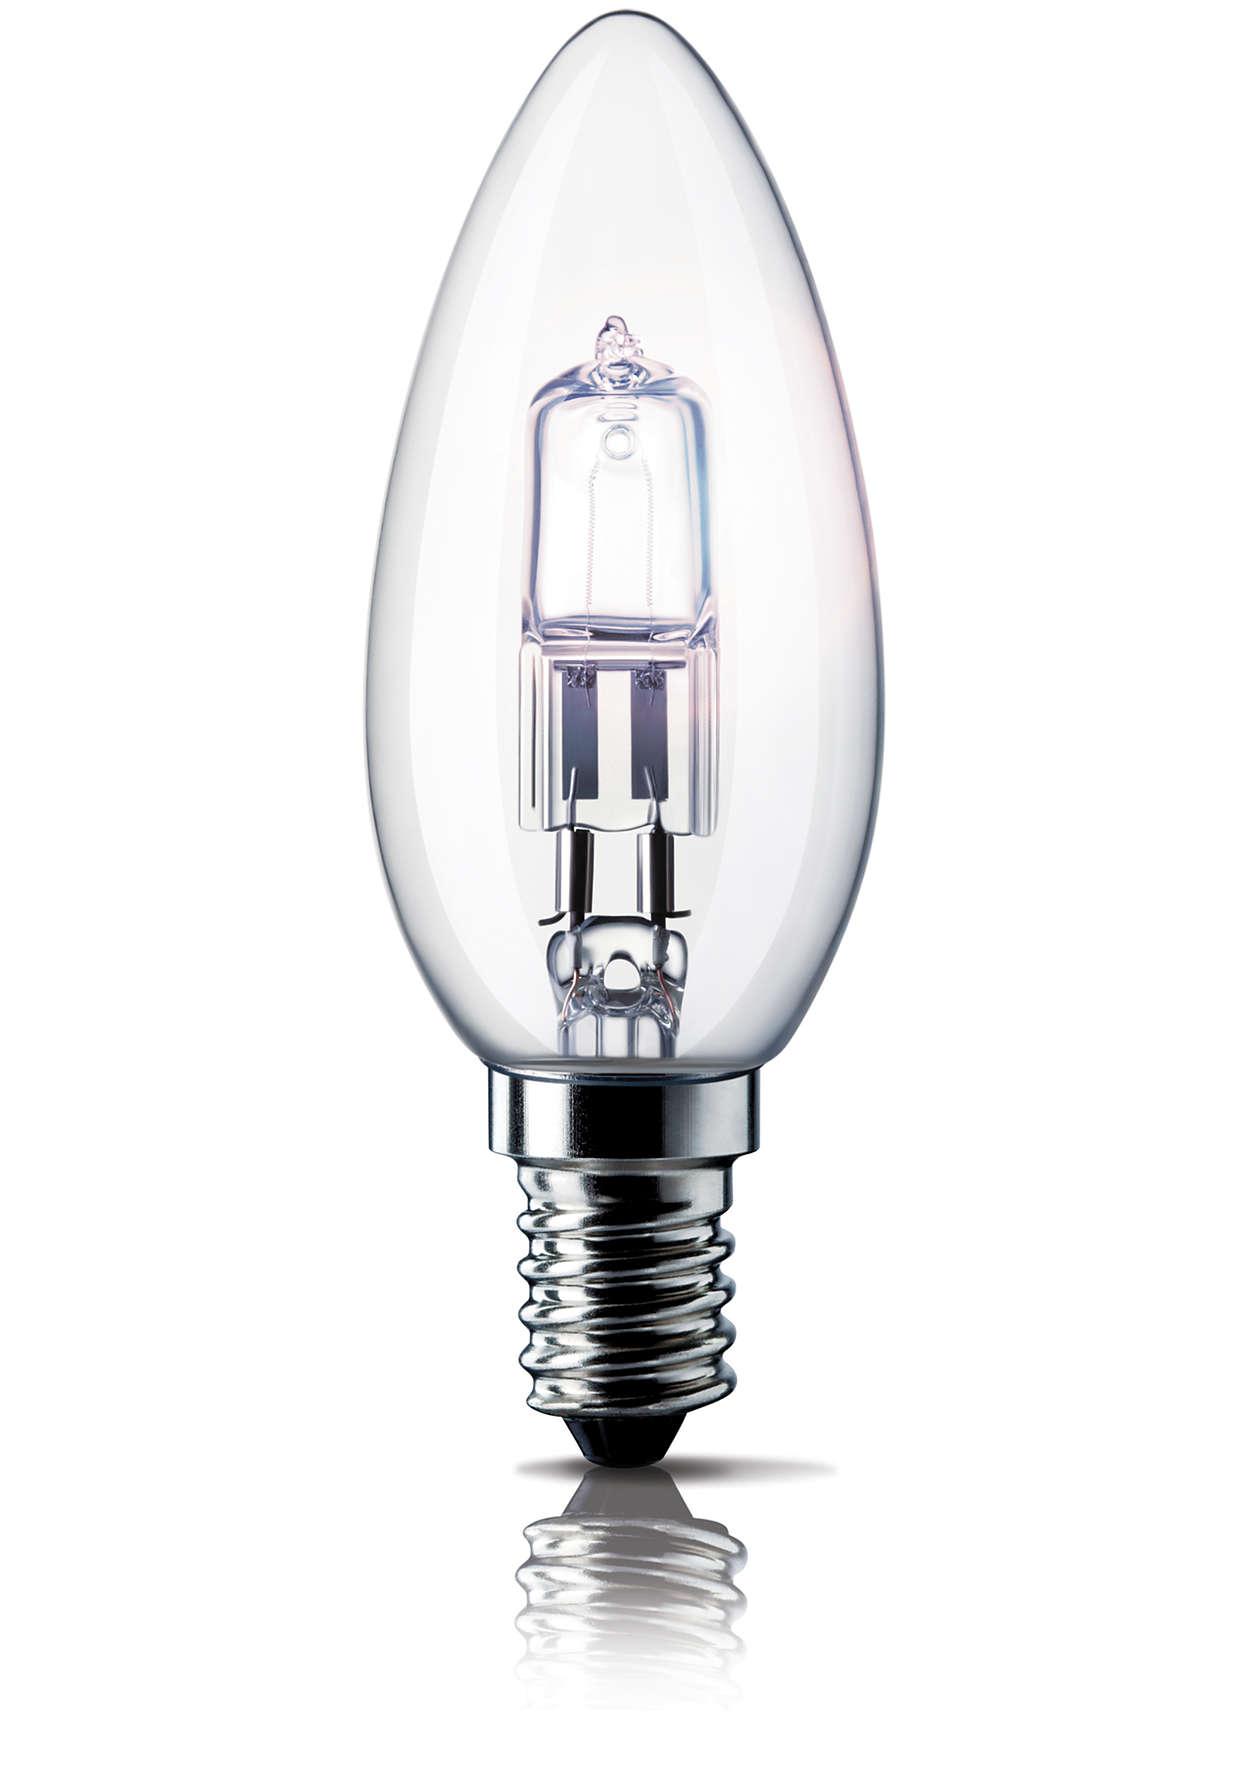 Blistavo halogeno svjetlo u prepoznatljivom obliku